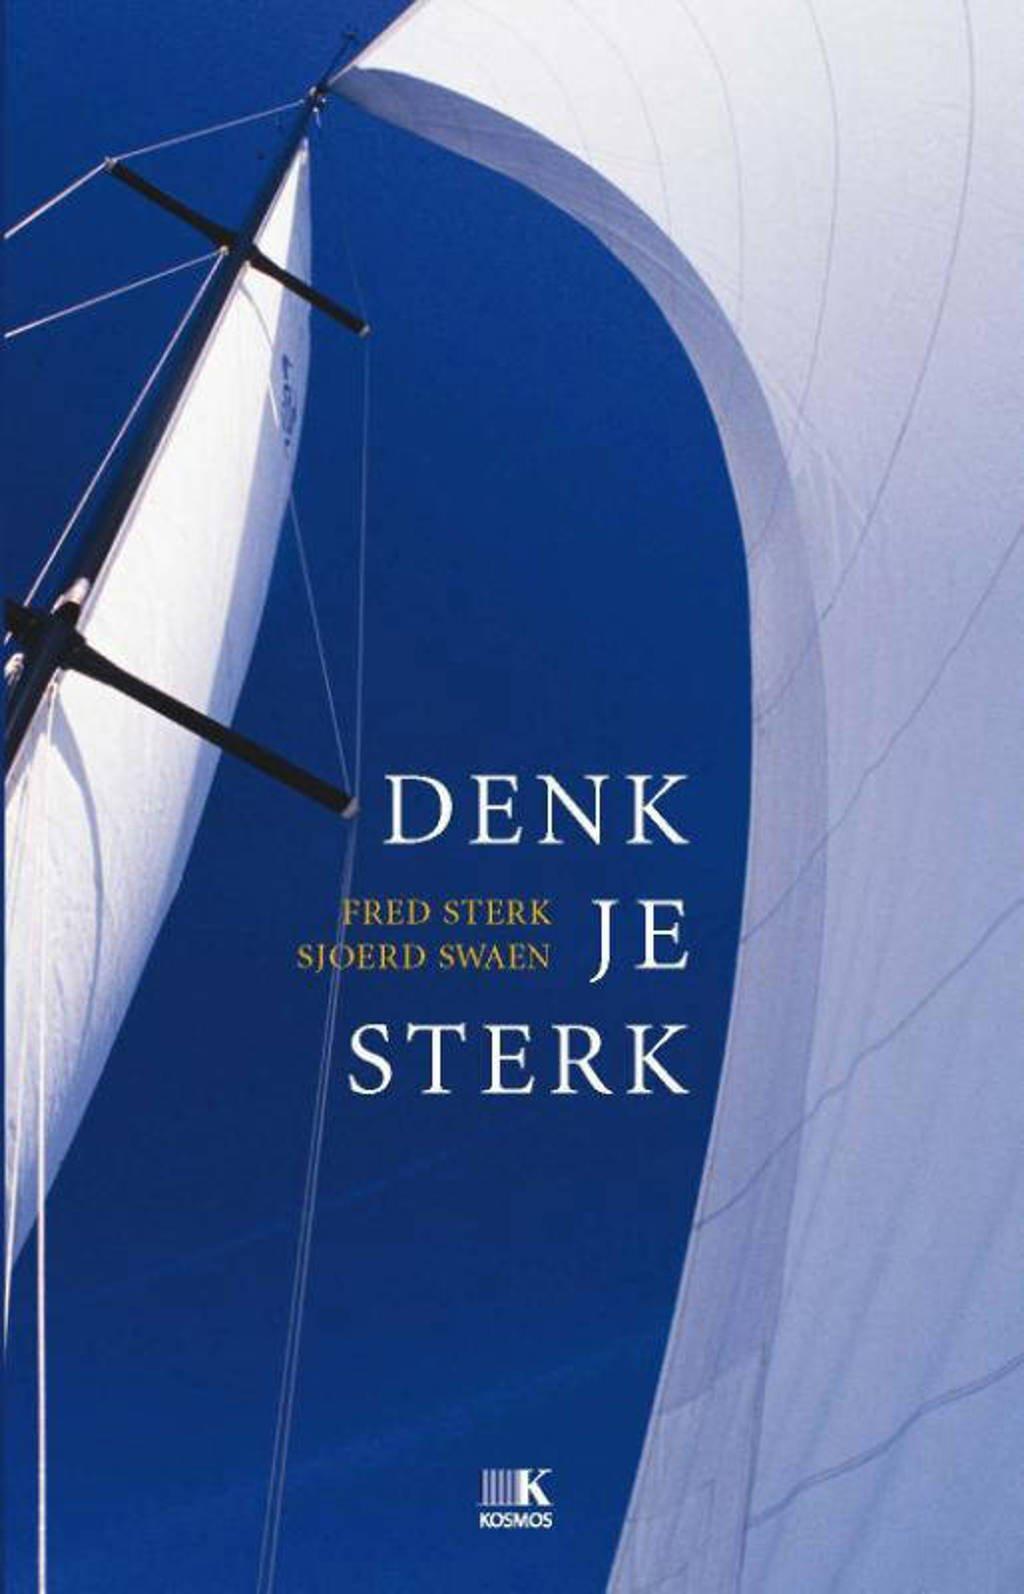 Denk je sterk - Fred Sterk en Sjoerd Swaen